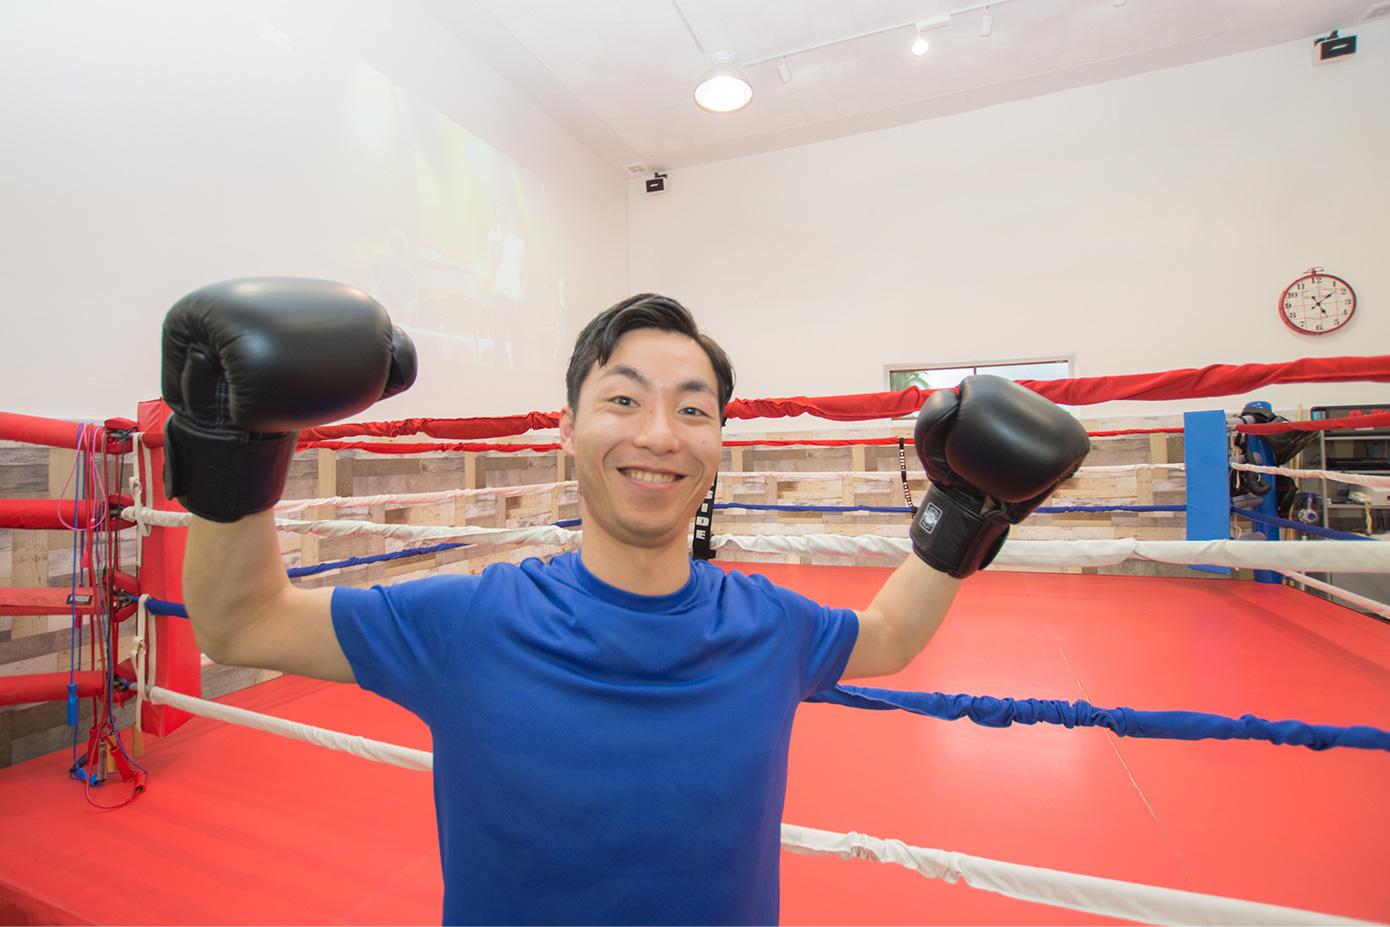 ダイエット,パーソナルトレーニング,ジム,引き締め,リバウンド,整体,キックボクシング,福岡,博多,天神,C3ジム,シースリージム